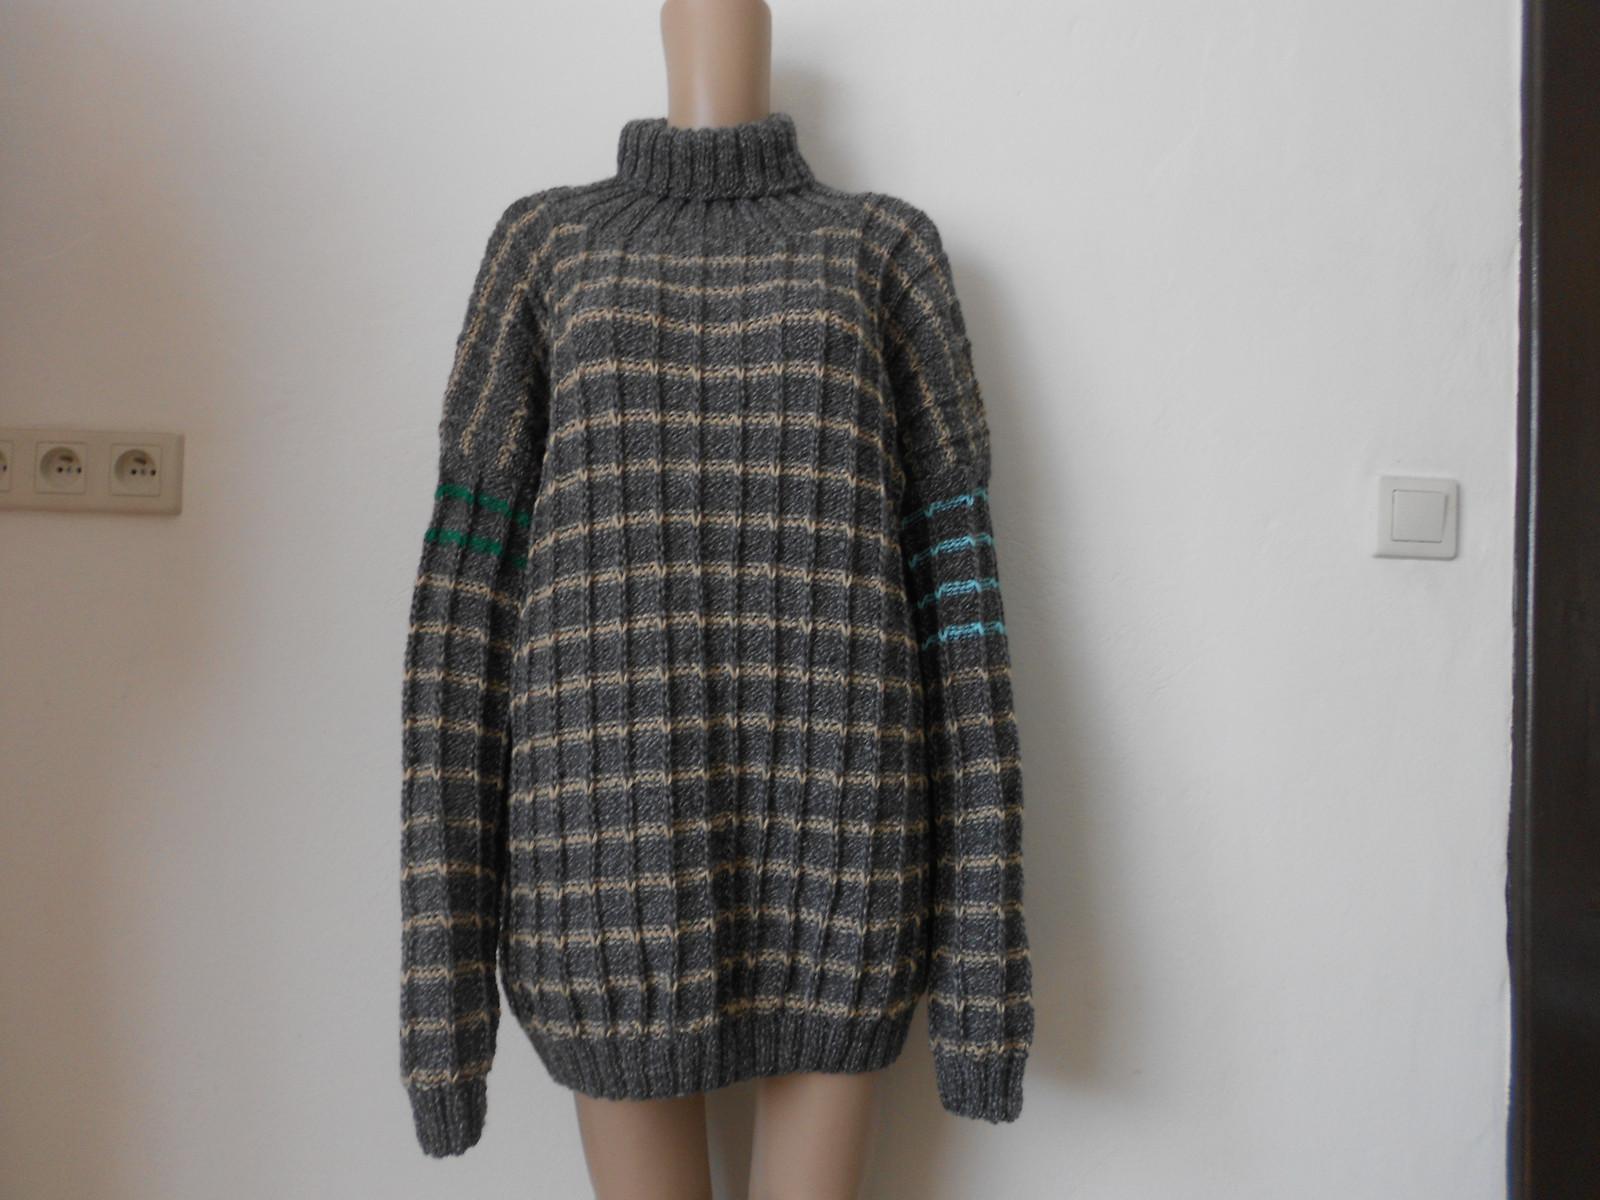 Velký pánský svetr - rolák s vlnou   Zboží prodejce mi-pi  4e181bb894